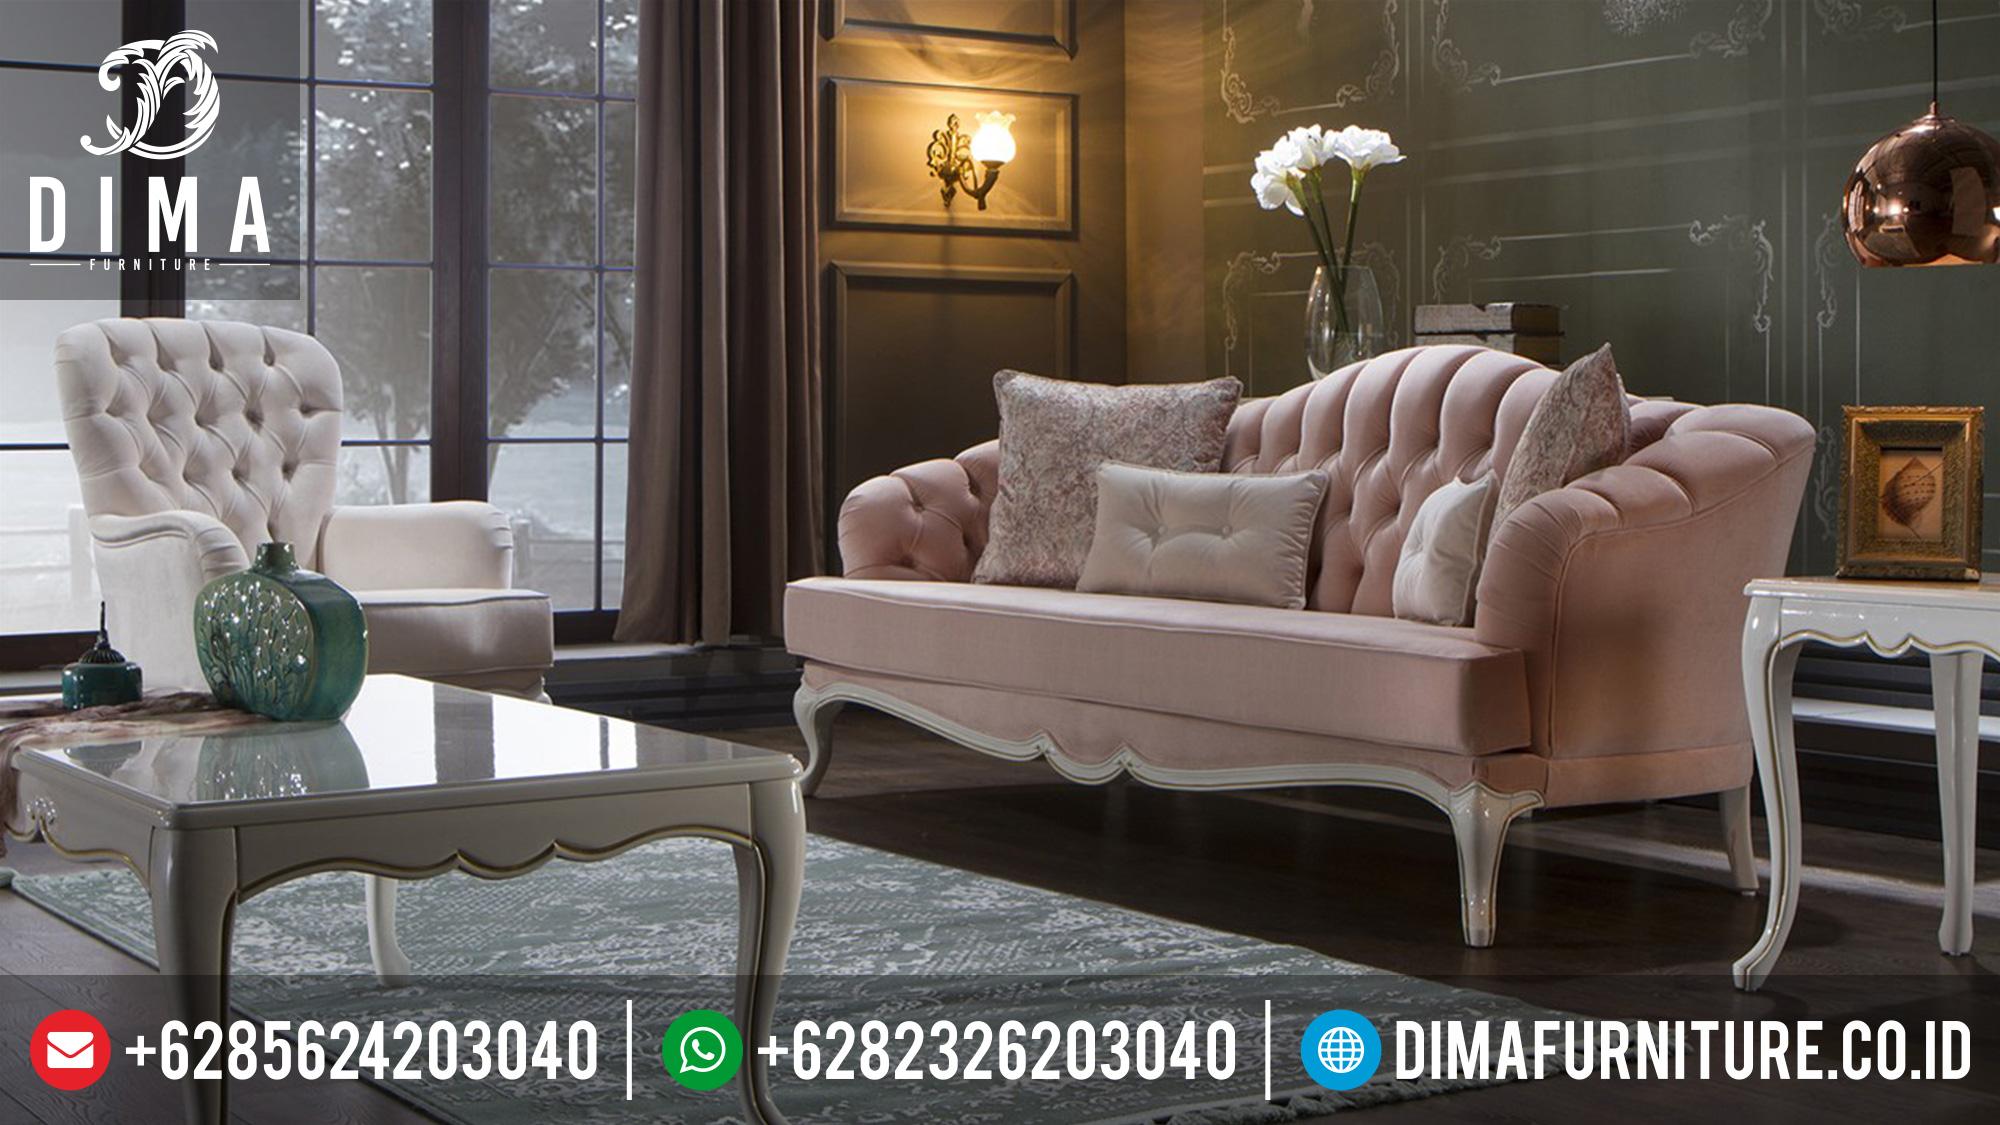 Sofa Tamu Jepara Mewah Minimalis Revita ST-0387 Gambar 2